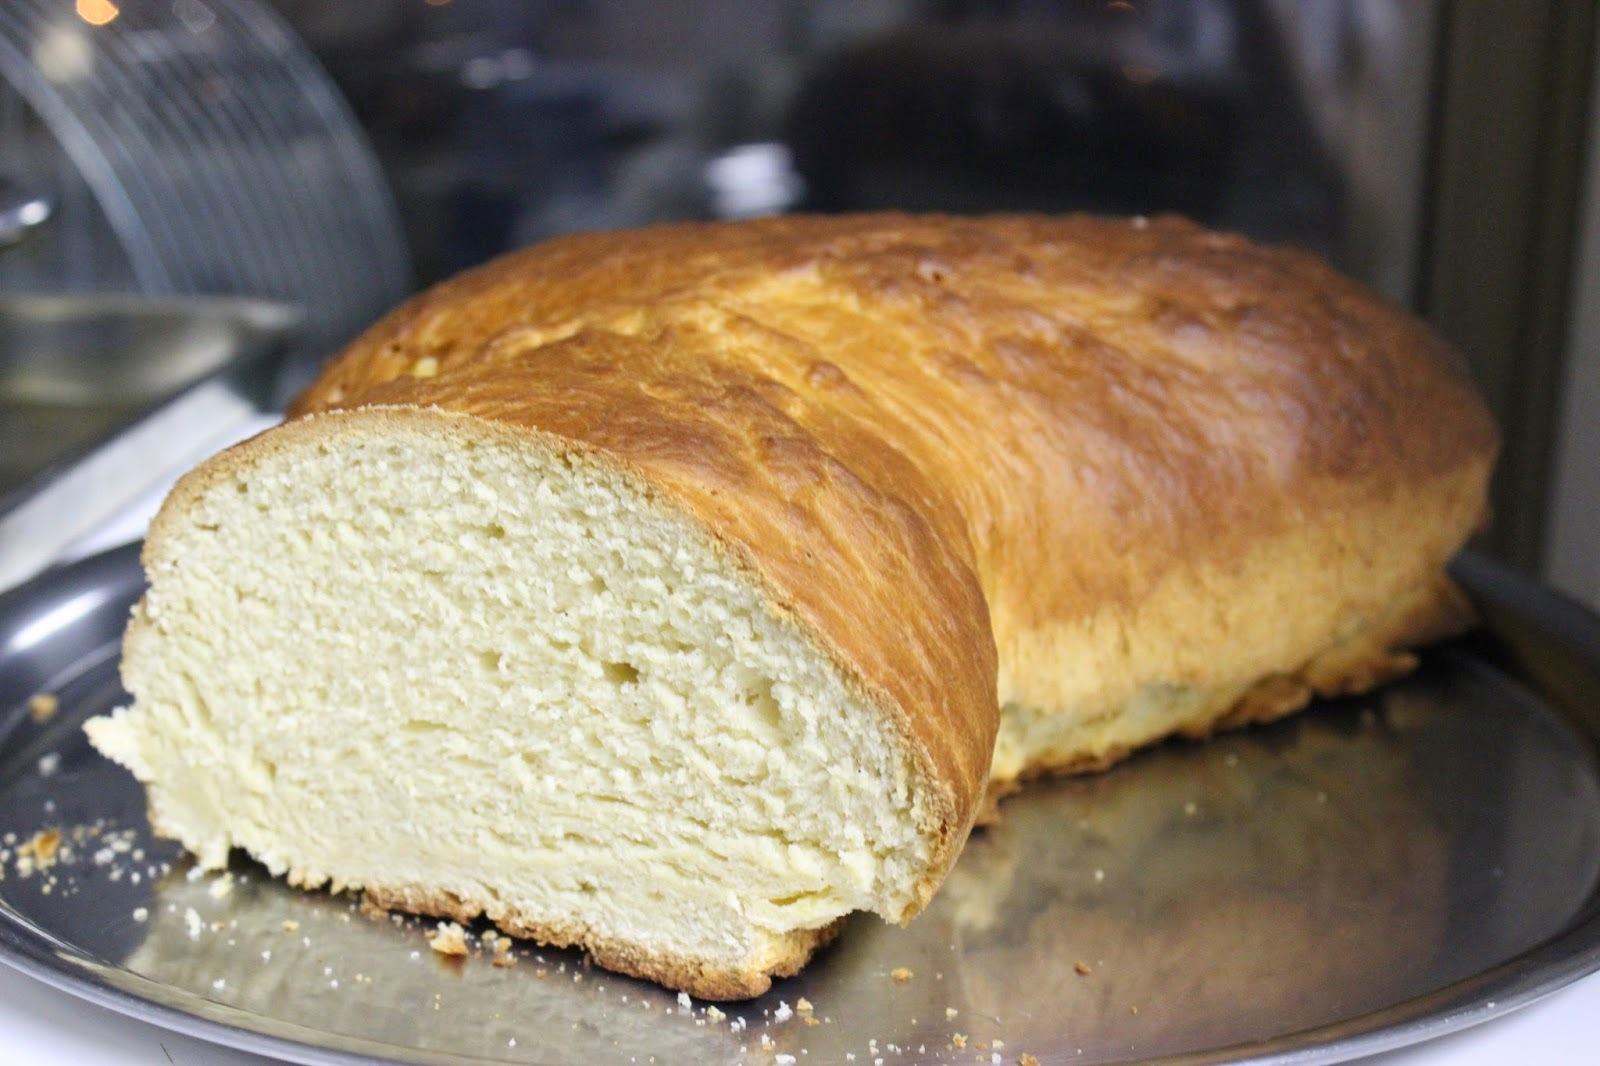 de bolos no tabuleiro de padaria